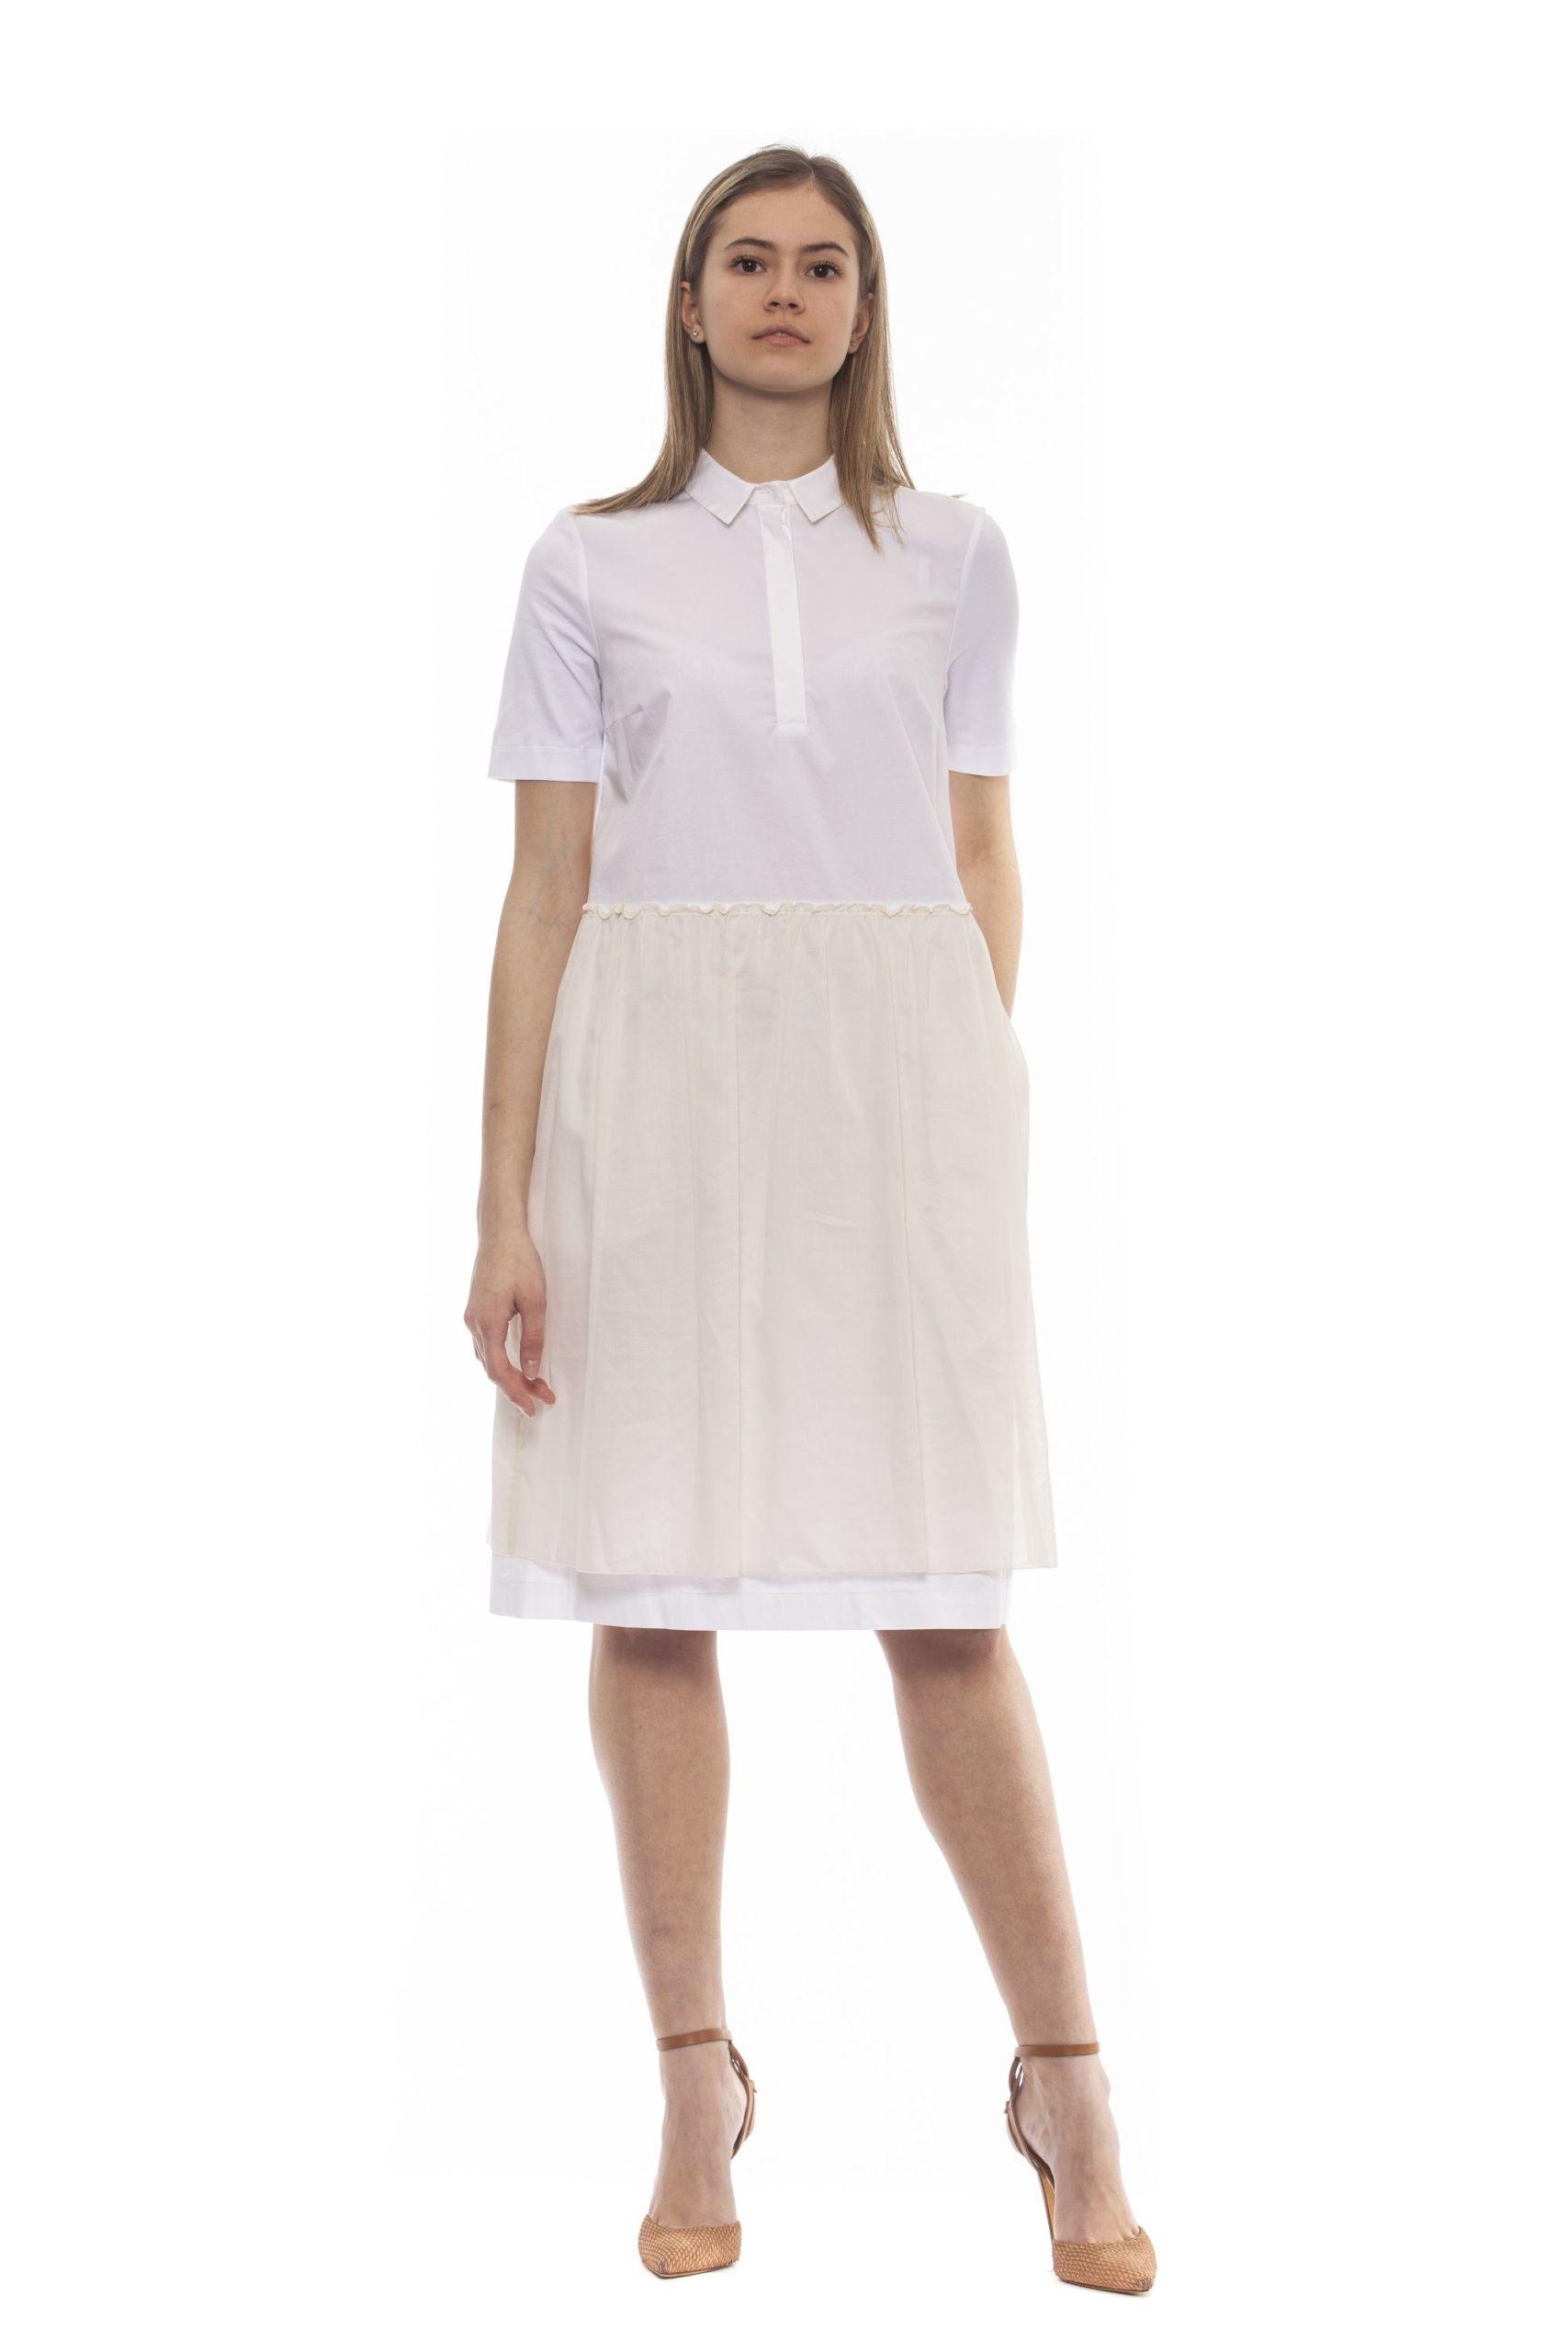 Peserico Women's Dress Beige PE1383252 - IT42   S